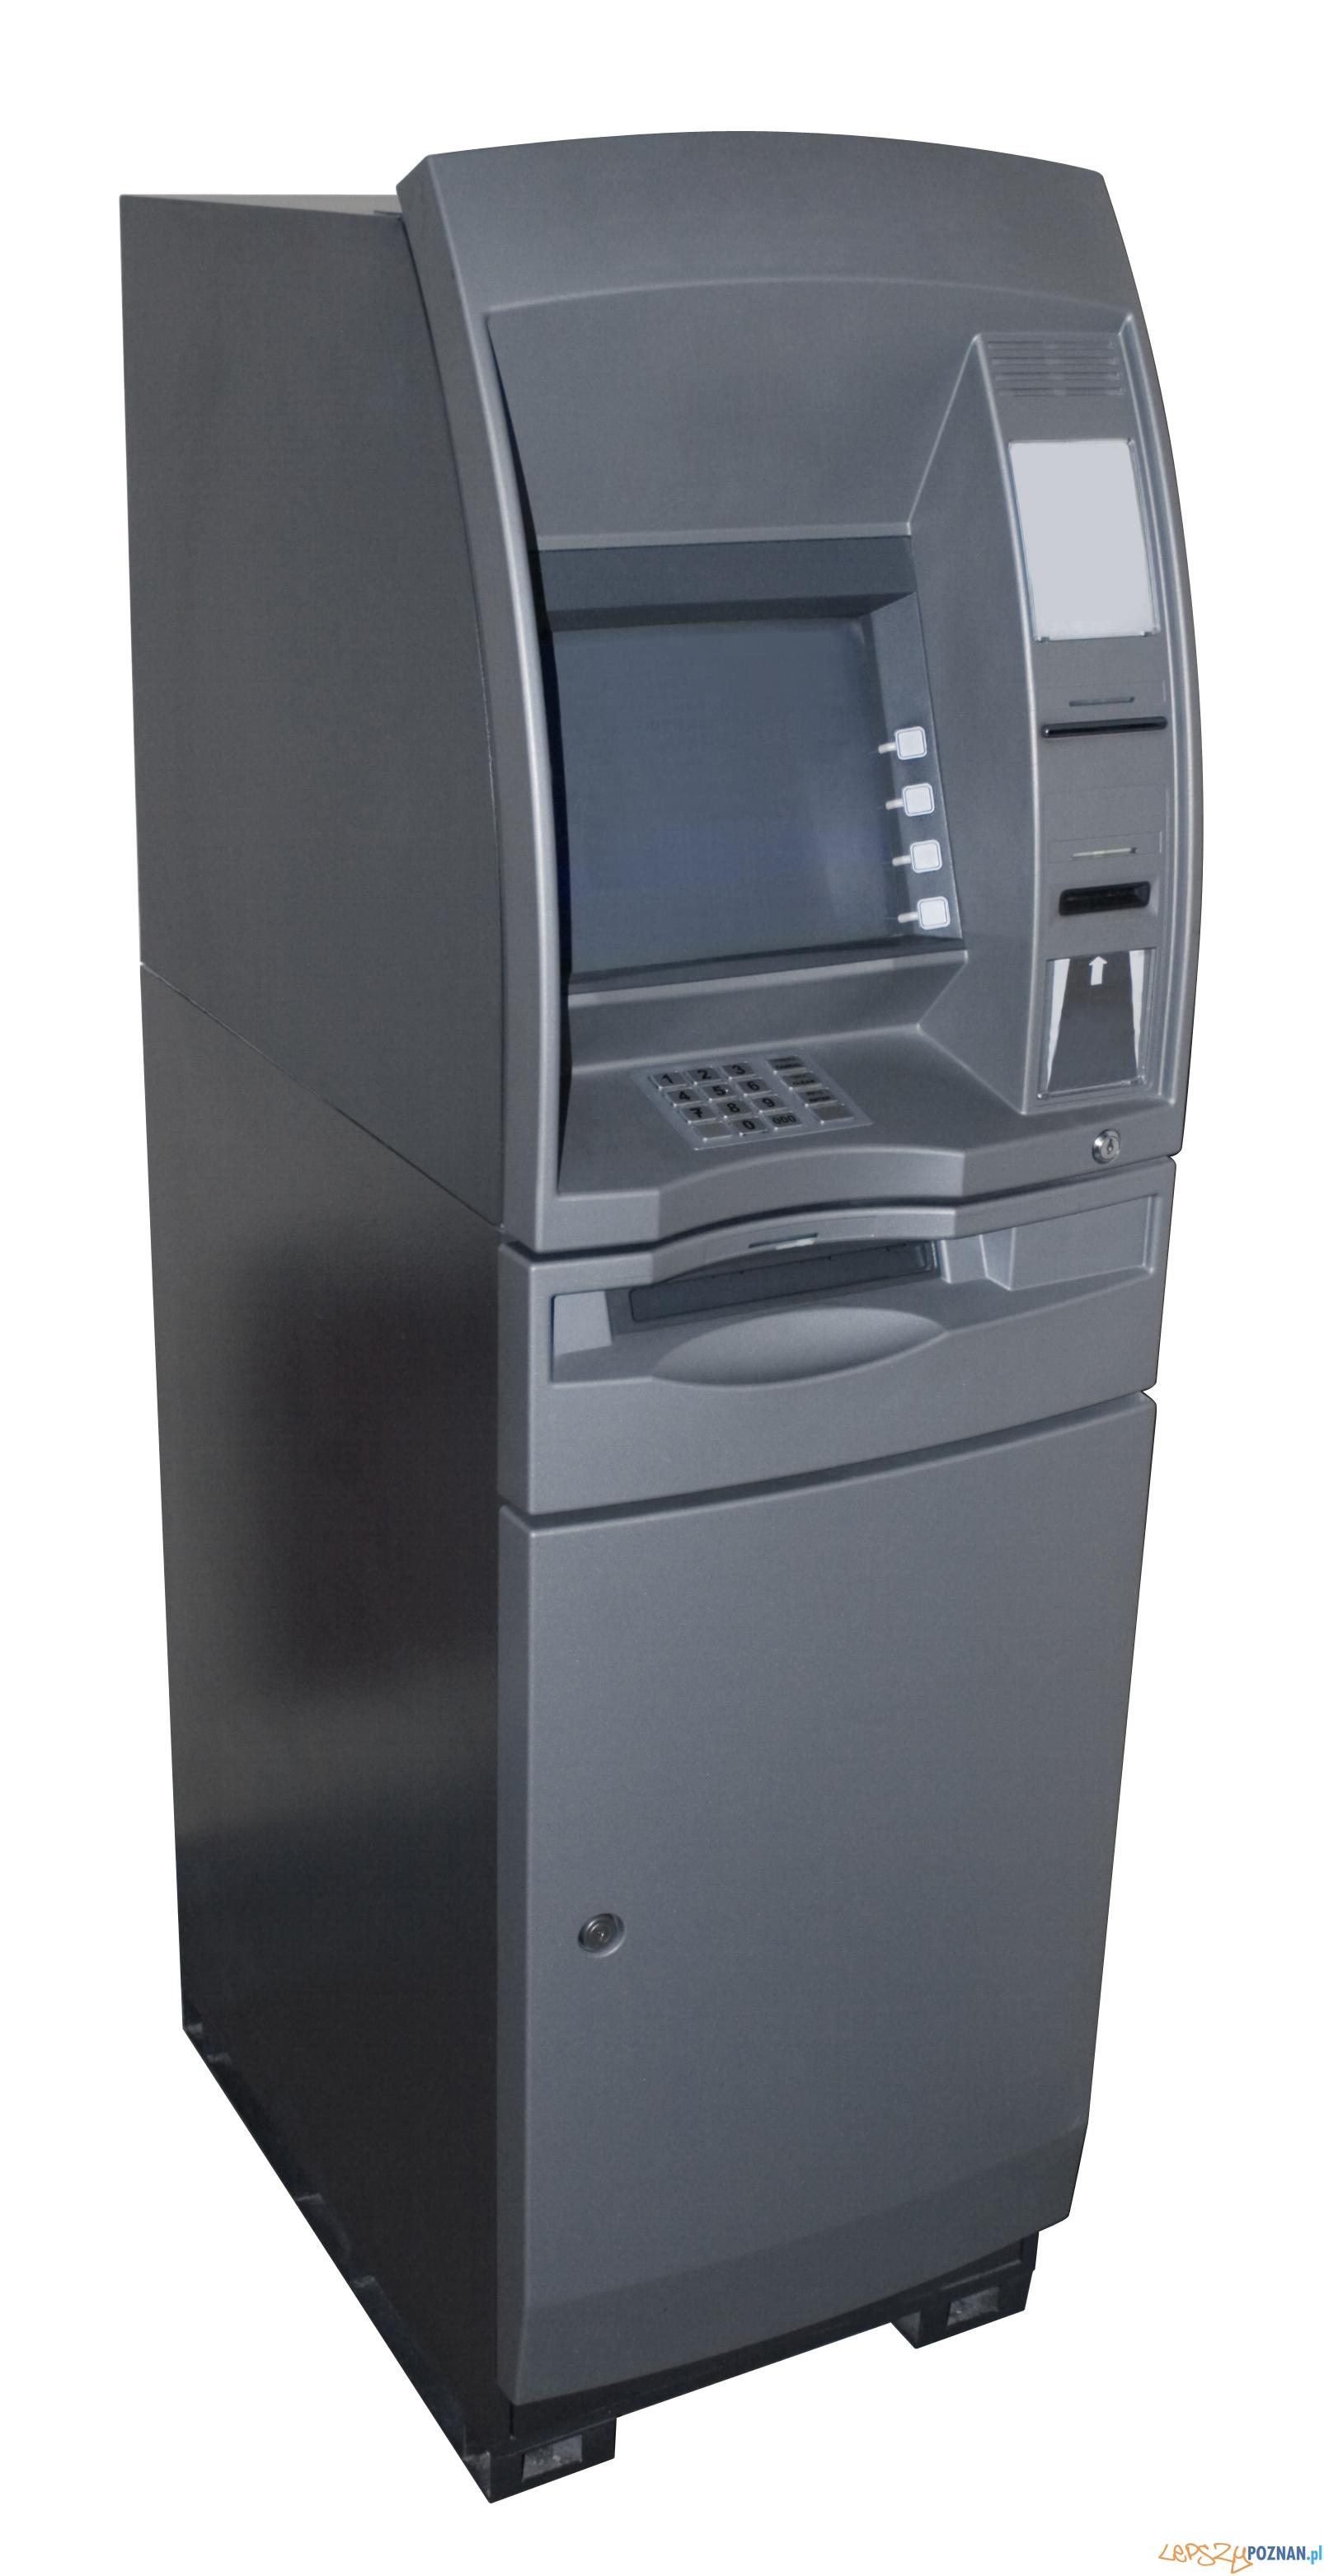 ATM bankomat  Foto: sxc